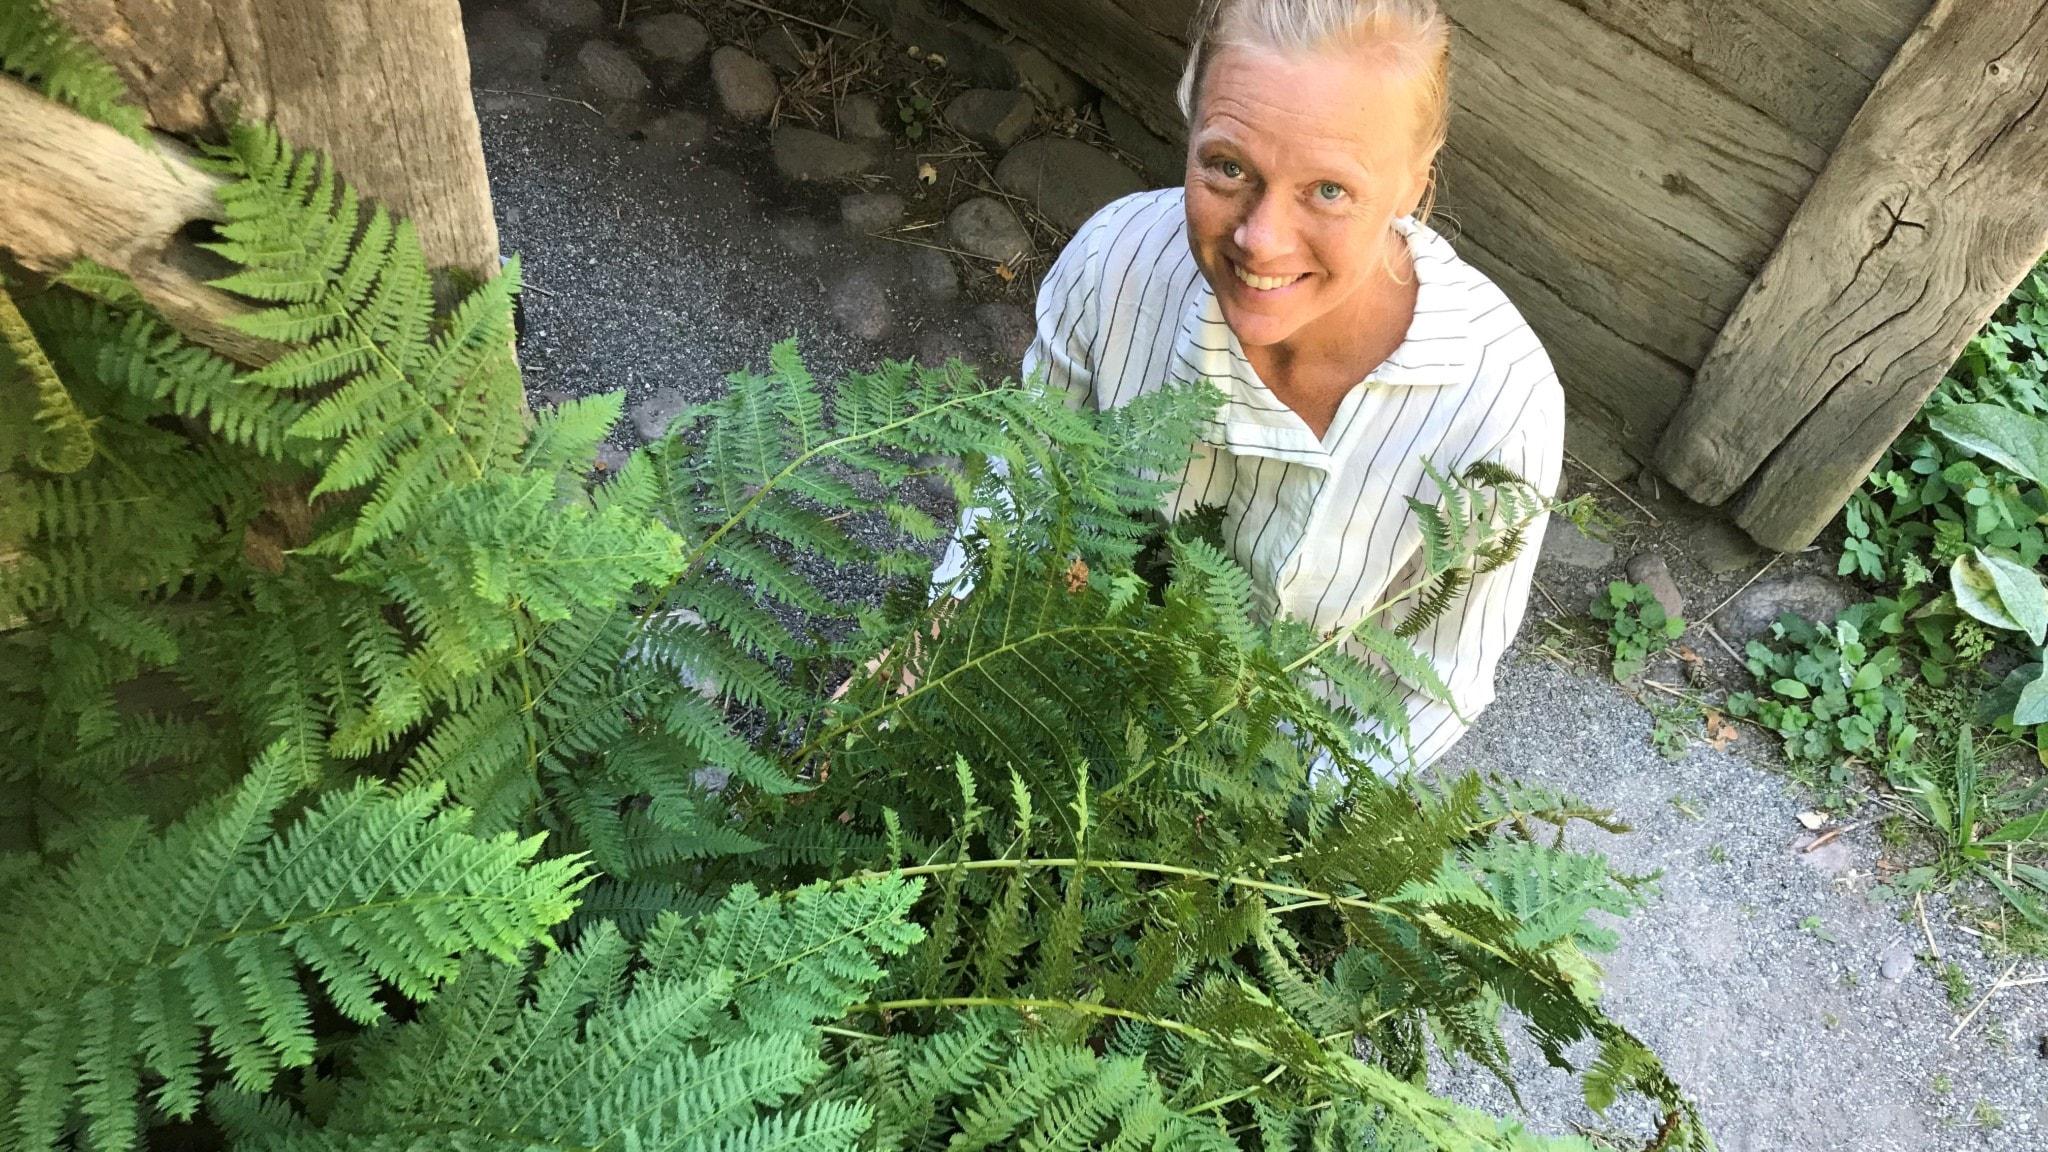 Tina Wedterlund hukar bakom en grön ormbunke